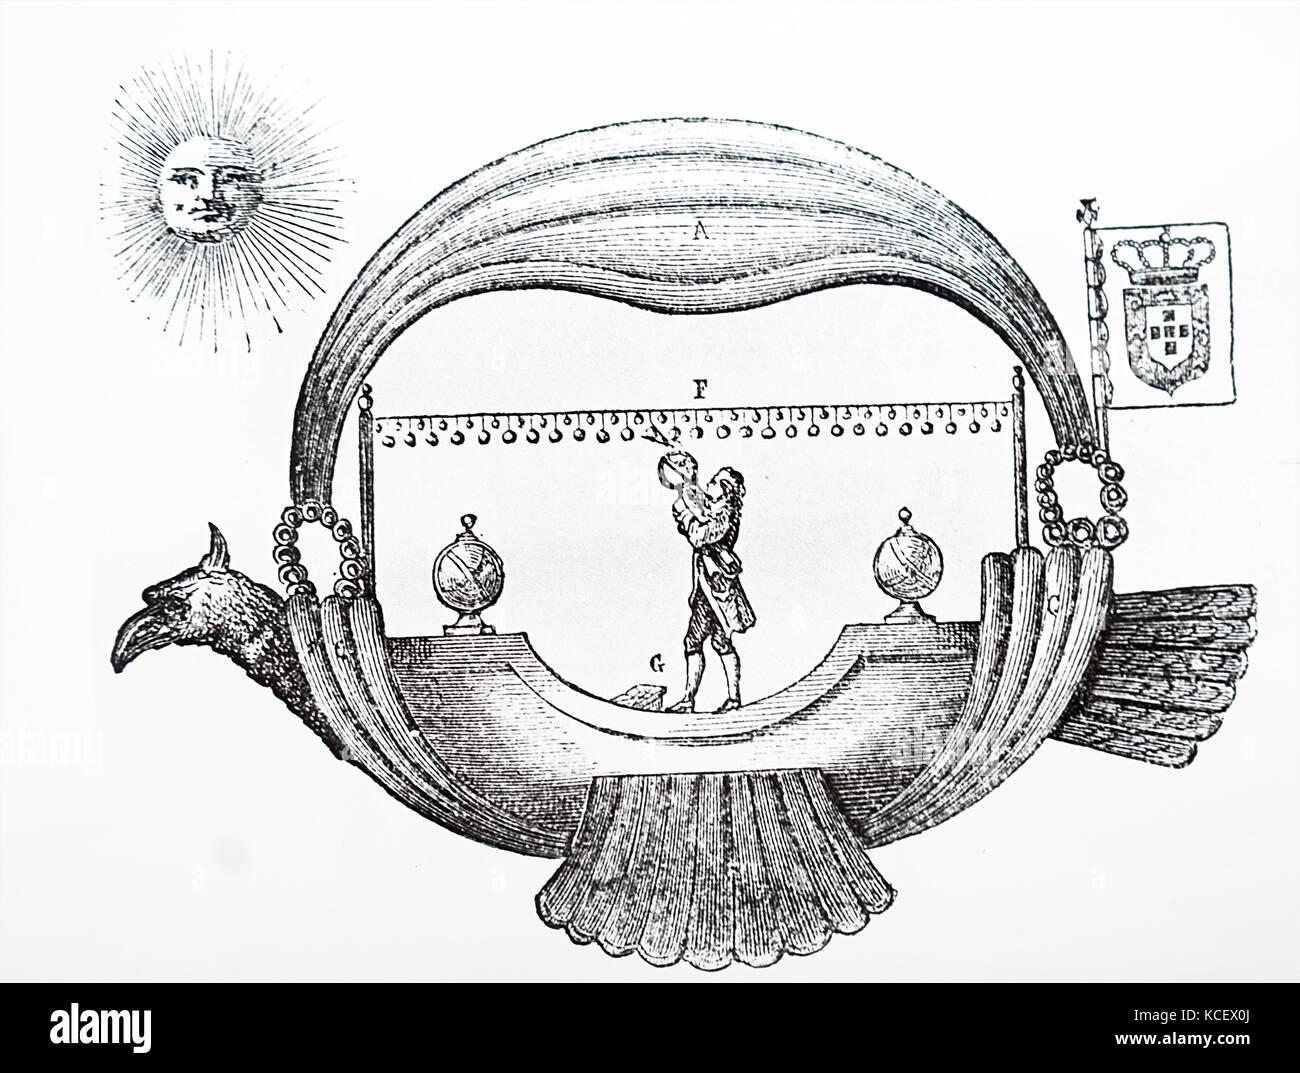 Karikatur von Jean-Pierre Blanchard's (1753-1809), ein französischer Erfinder, der Ballon. Vom 20. Jahrhundert Stockfoto